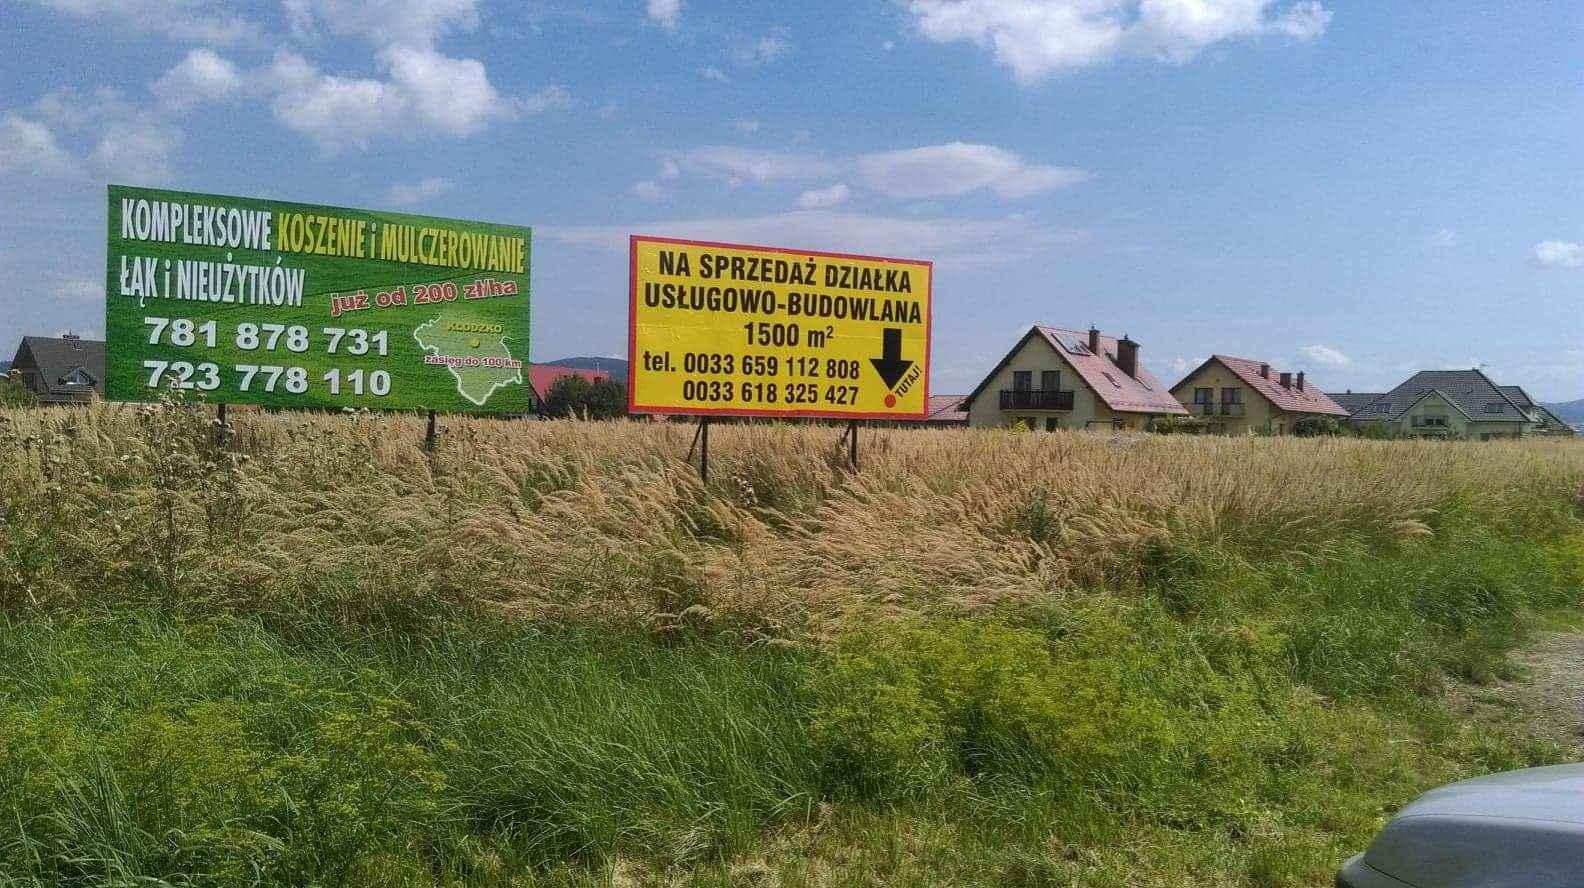 Działka budowlano-usługowa Jaszkowa Dolna - zdjęcie 3